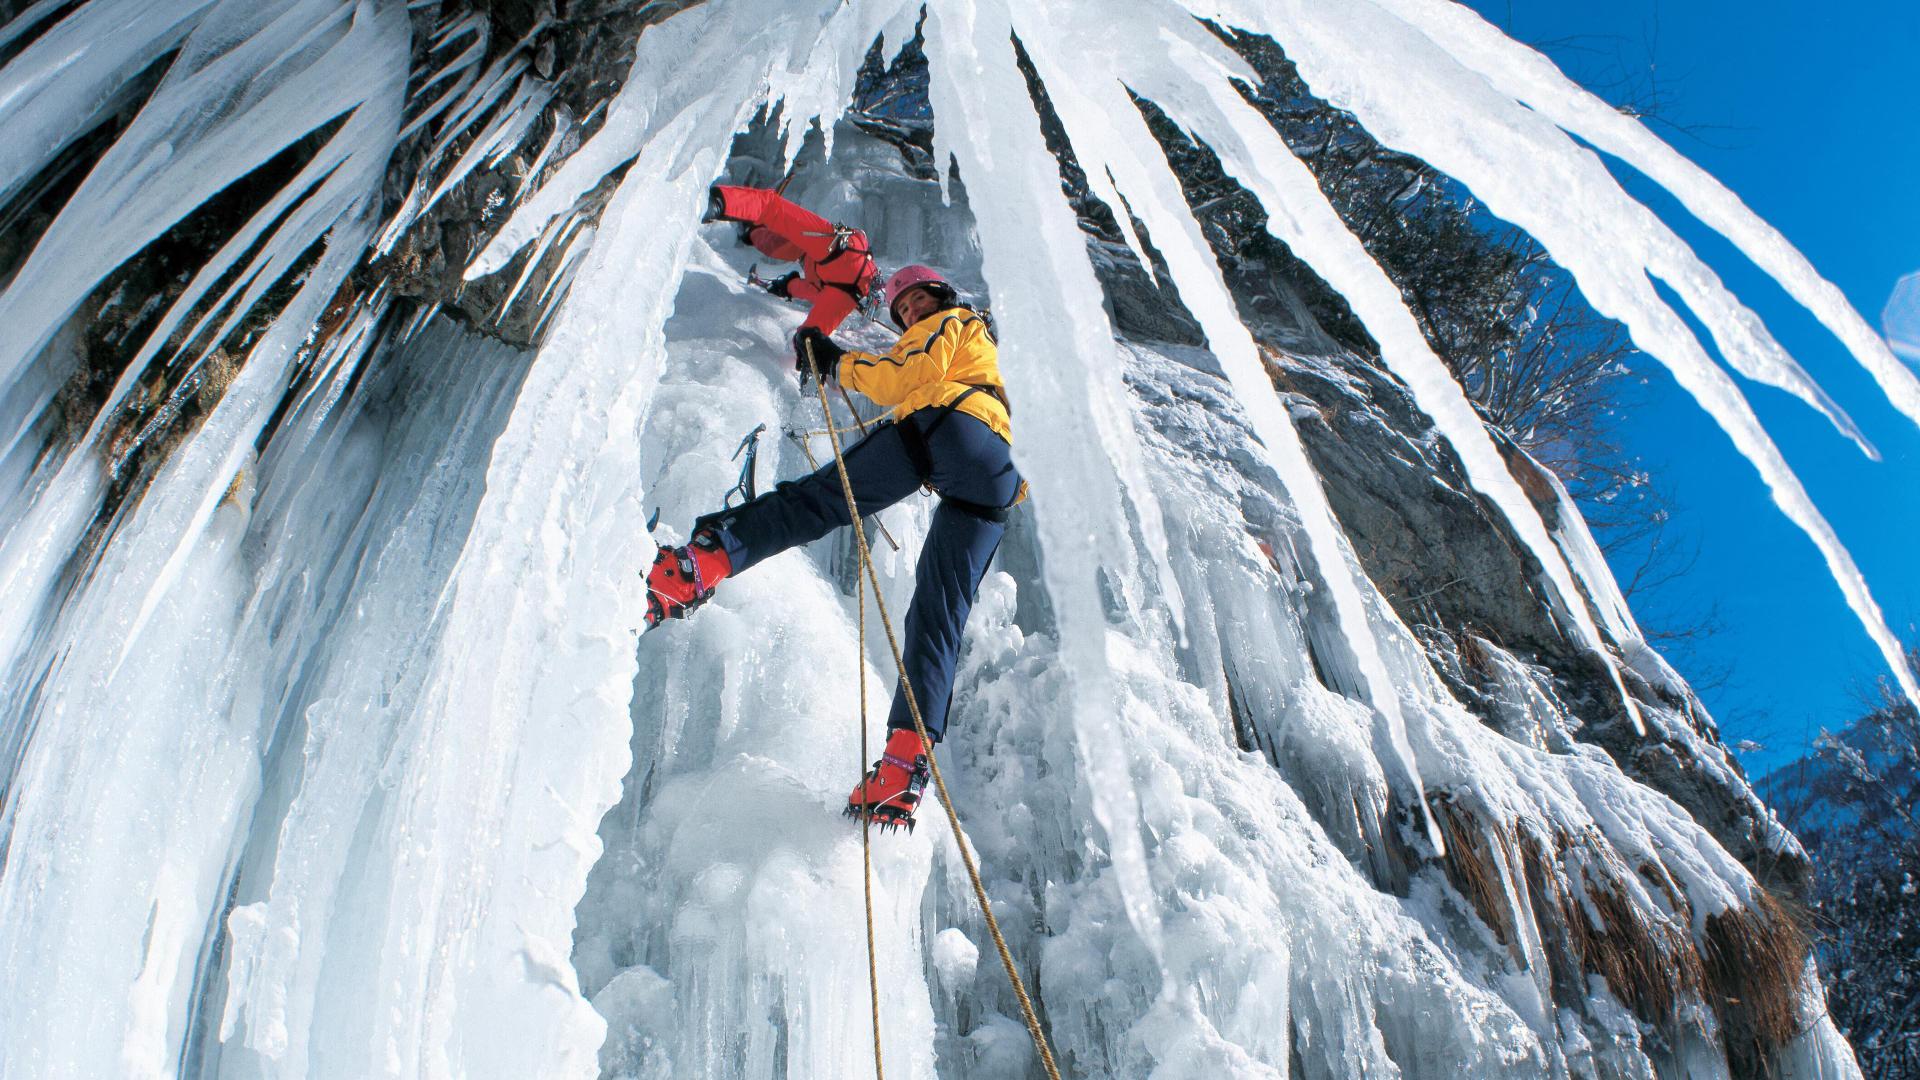 Naj bomo še tako pogumni in izkušeni, vodnika je pri ledenem plezanju vselej pametno vzeti s seboj.